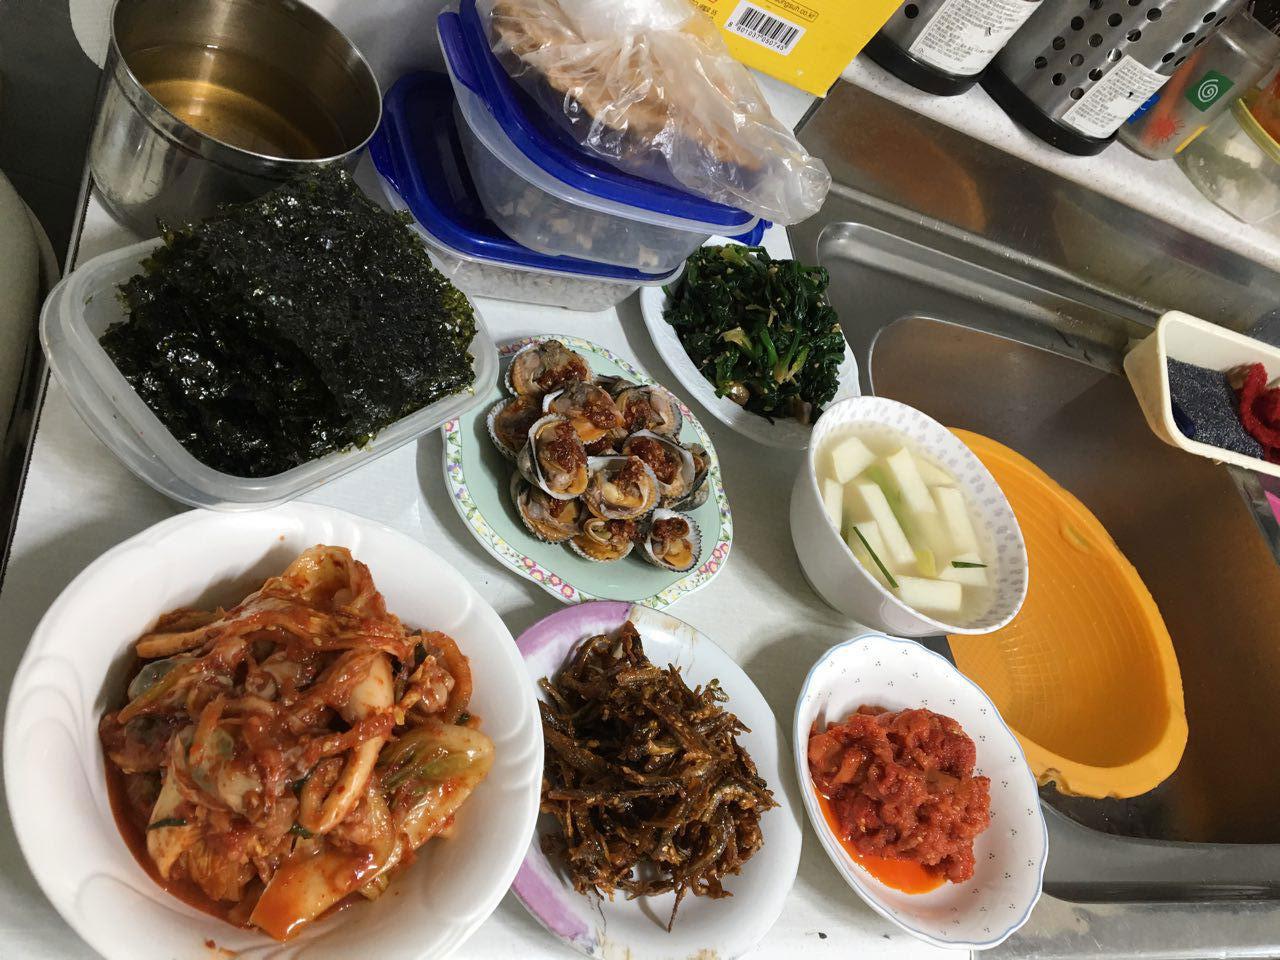 김영권씨 댁에서 차려진 음식. 바지락이 눈에 띈다.